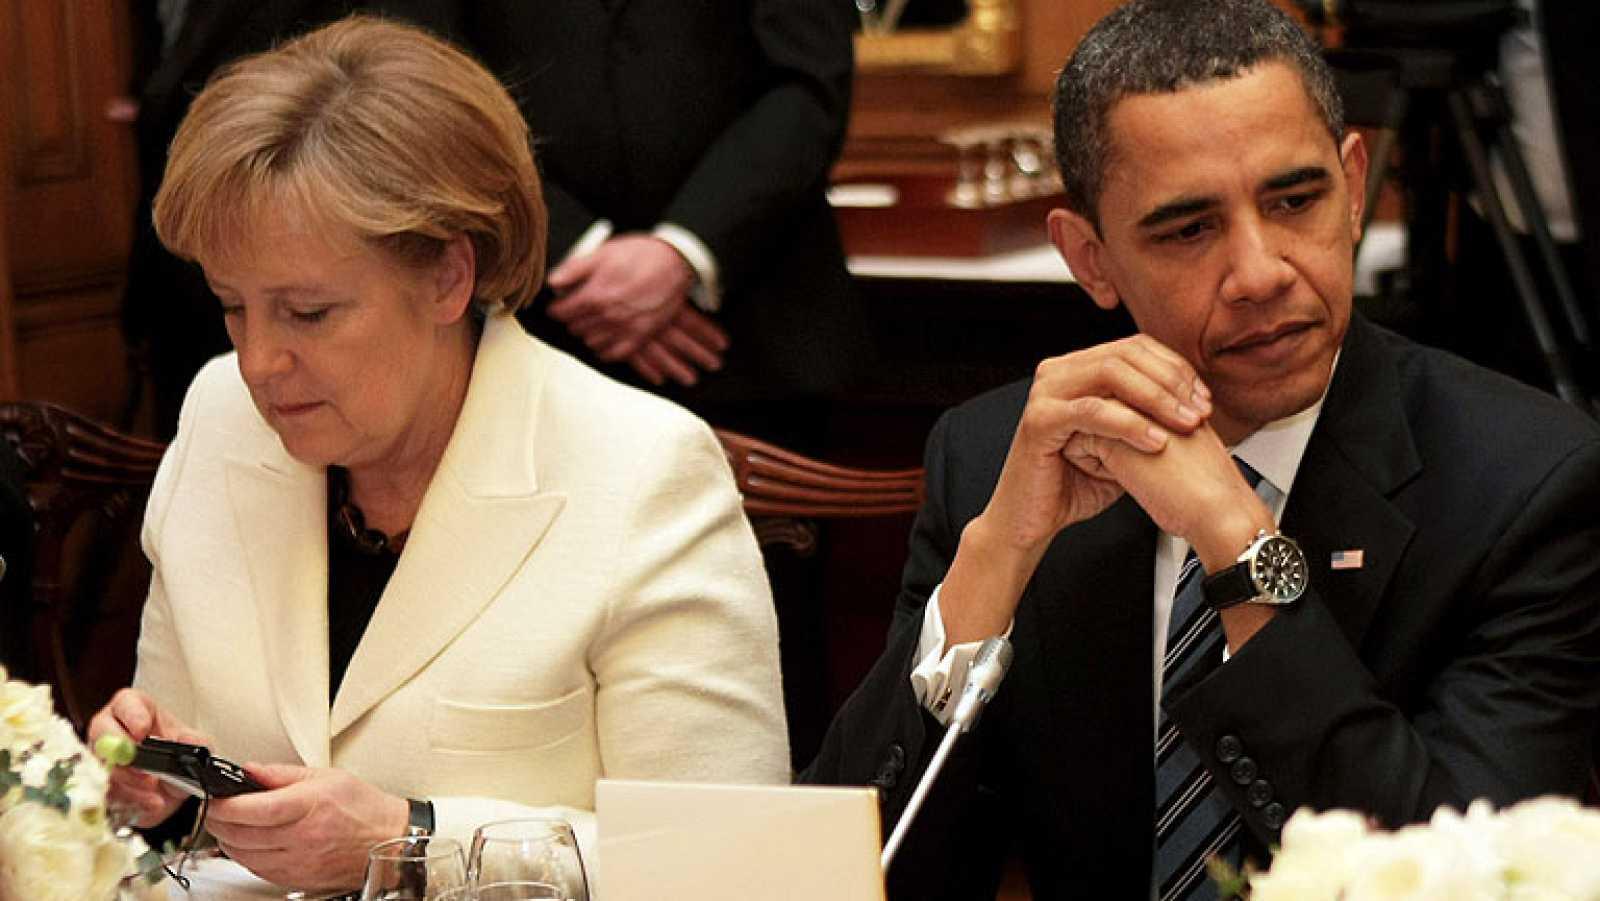 Obama sabía que espiaban a Merkel desde 2010 y pidió más informes de la canciller